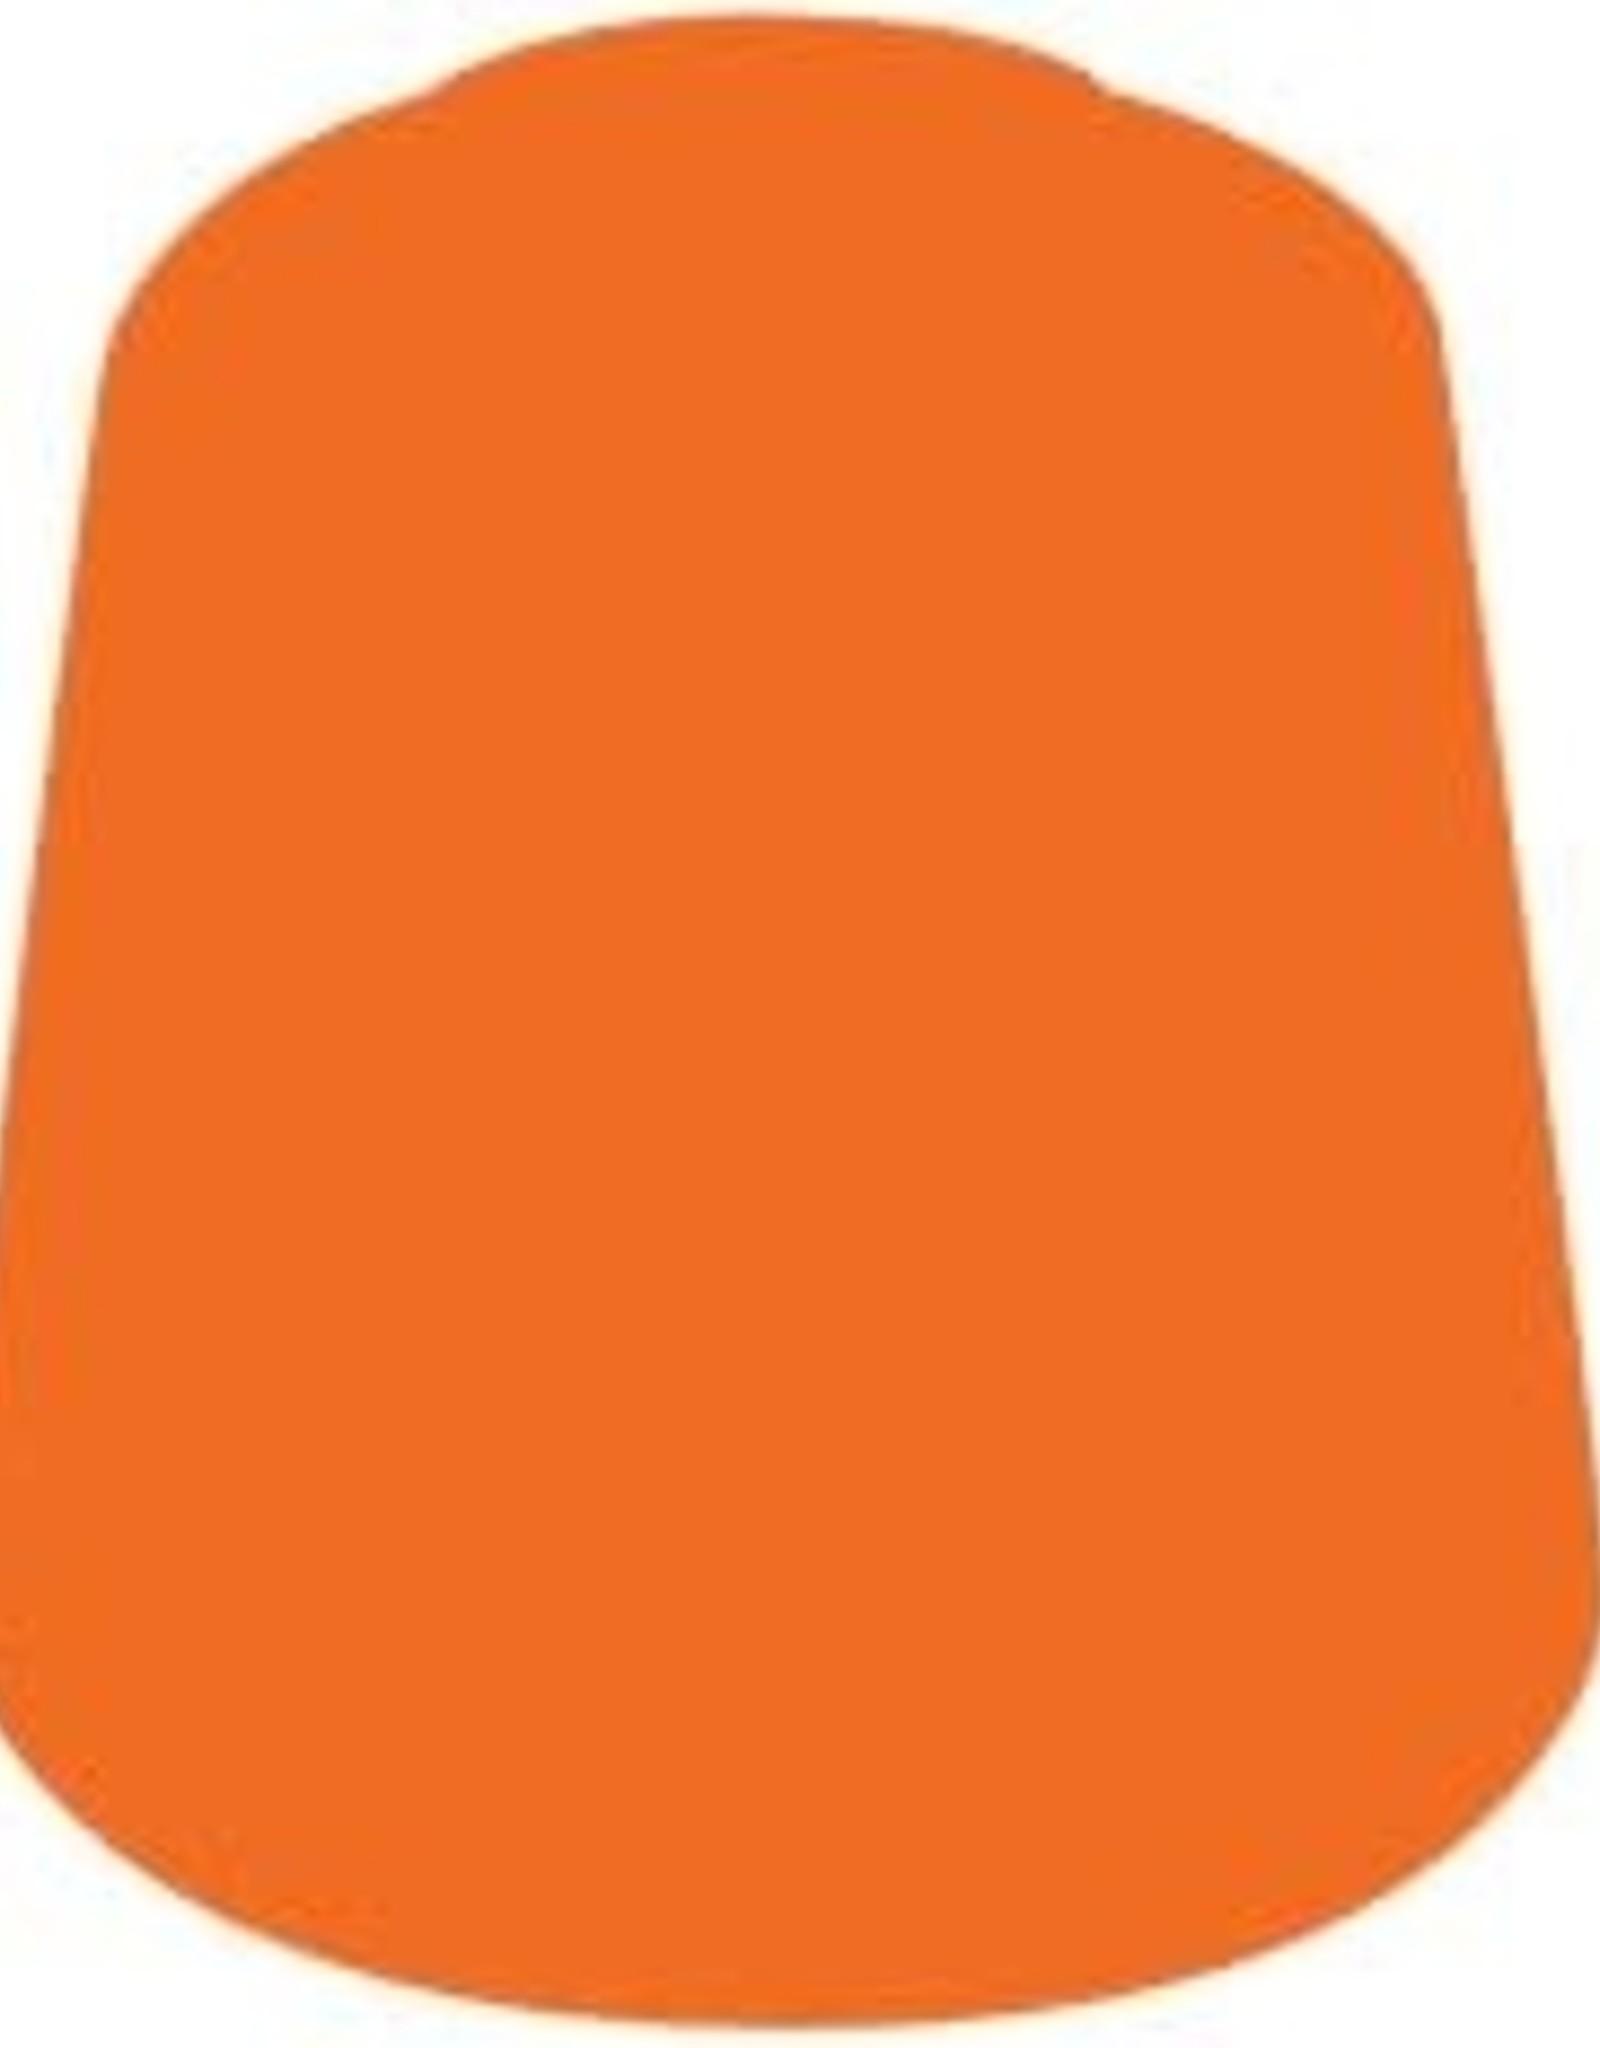 Games Workshop Trollslayer Orange